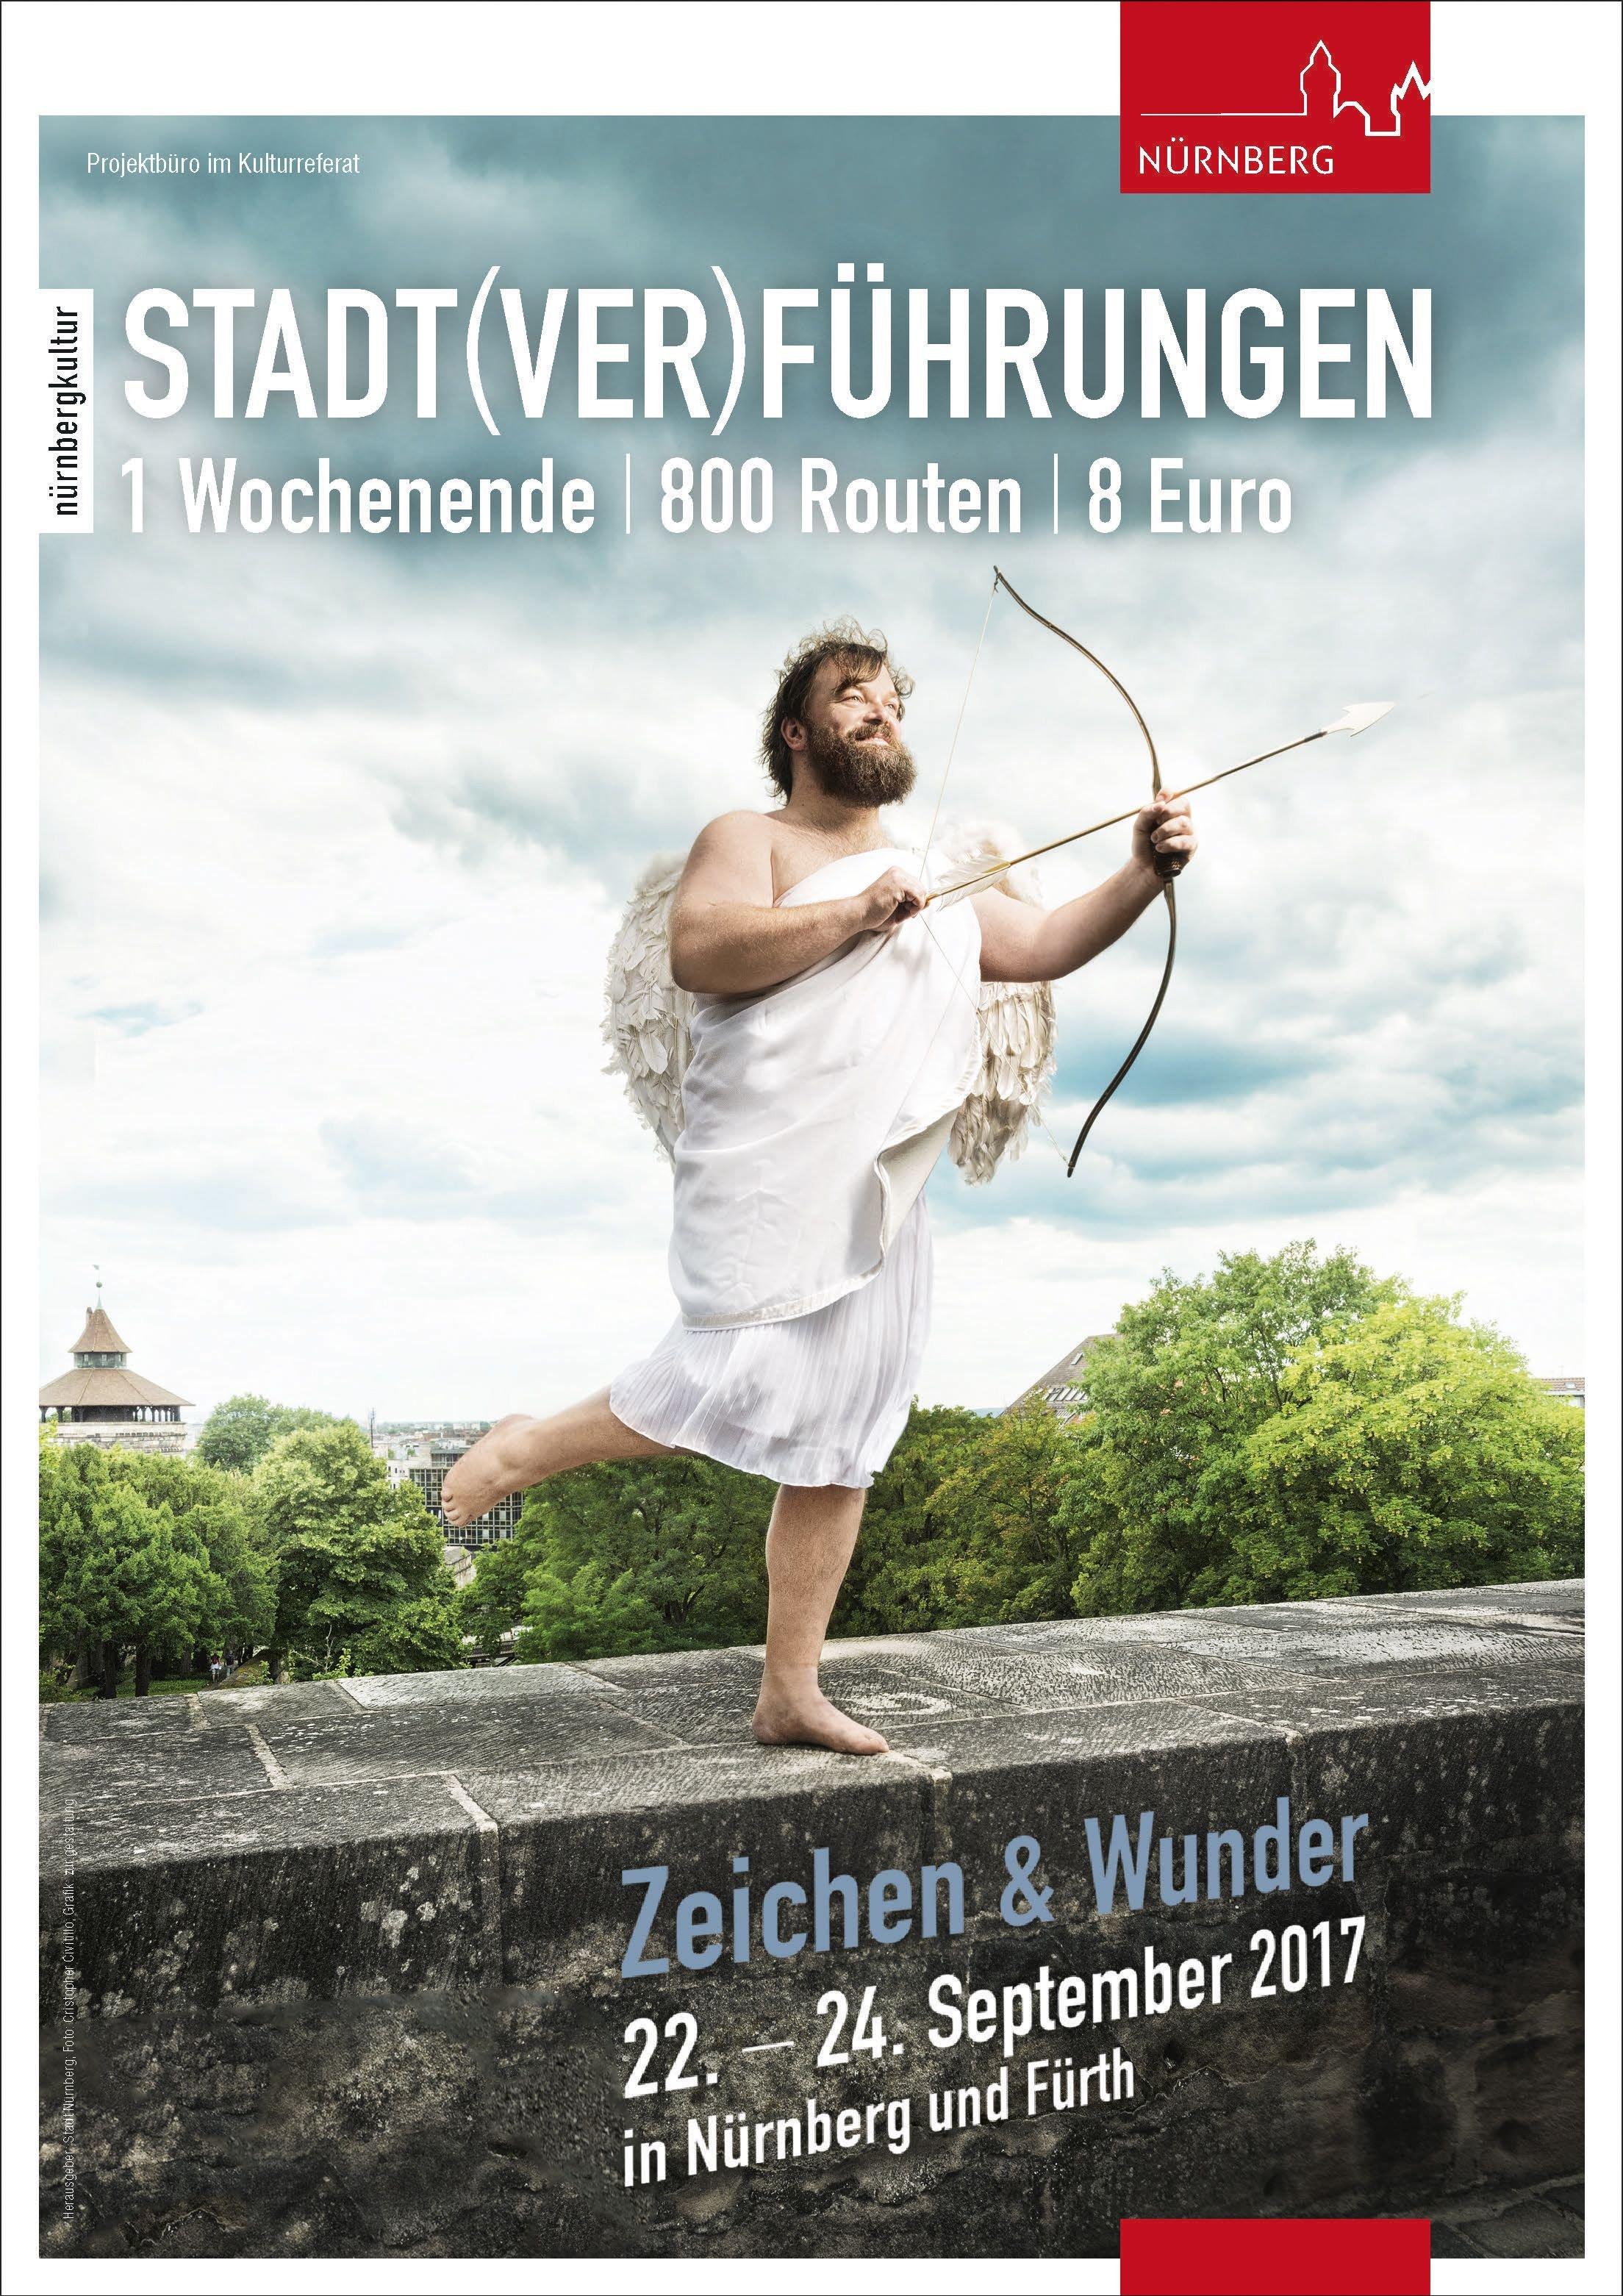 ACHTUNG ABSAGE! Landauerkapelle – Zeichen und Wunder in einer Altstadtkirche